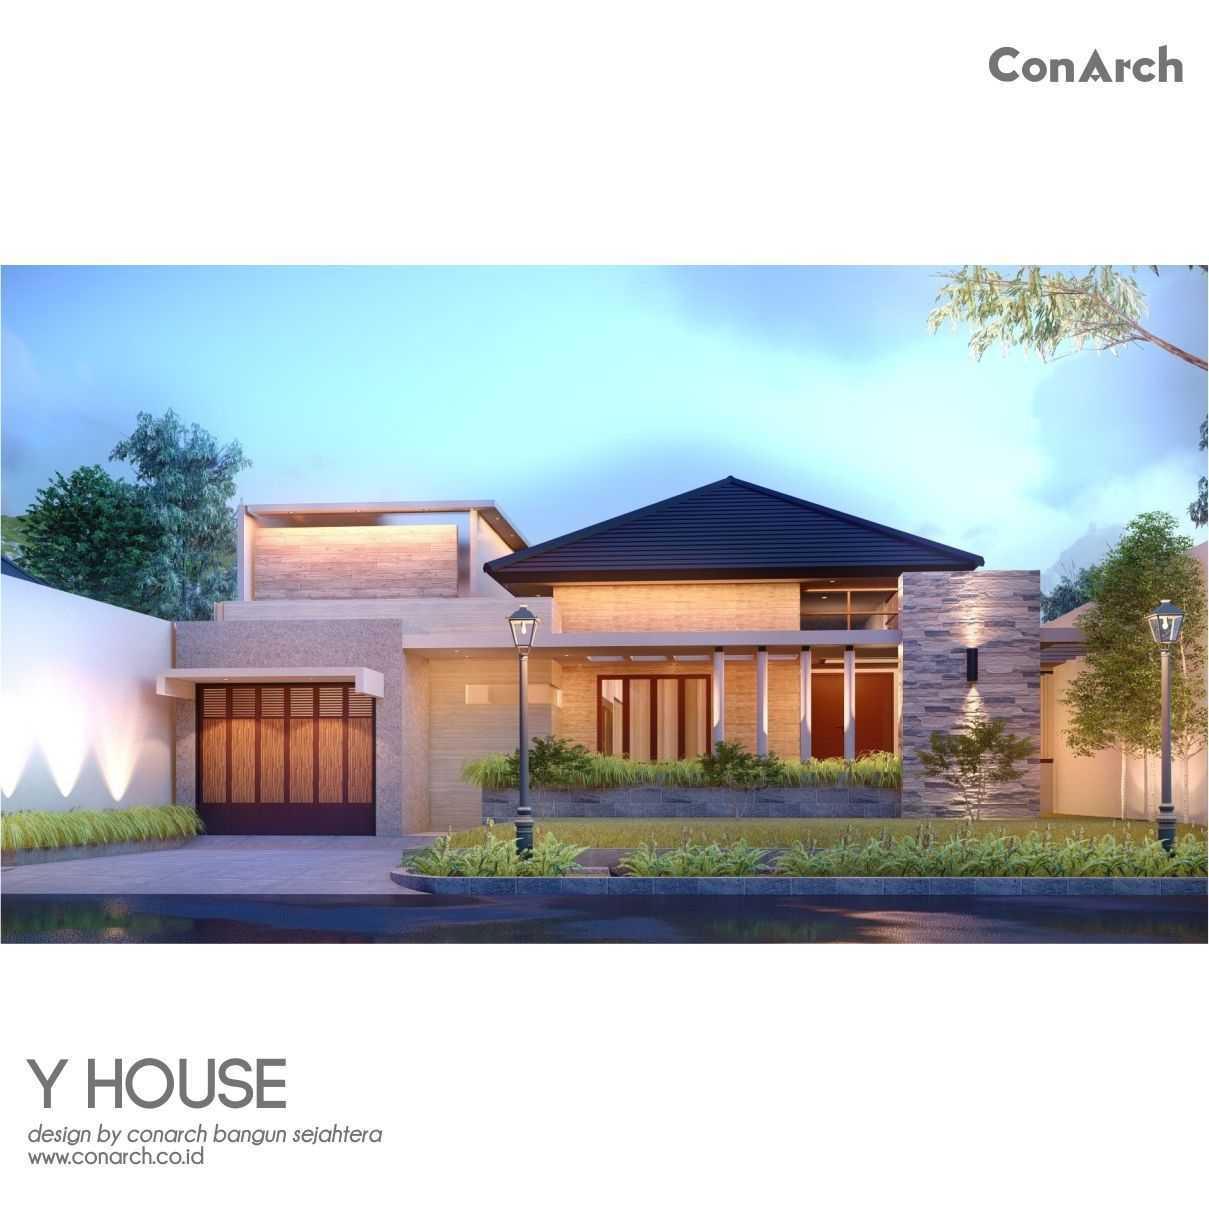 Conarch Studio Mr. Yohan House Klaten, Kabupaten Klaten, Jawa Tengah, Indonesia Klaten, Kabupaten Klaten, Jawa Tengah, Indonesia Conarch-Bangun-Sejahtera-Mr-Yohan-House  82524